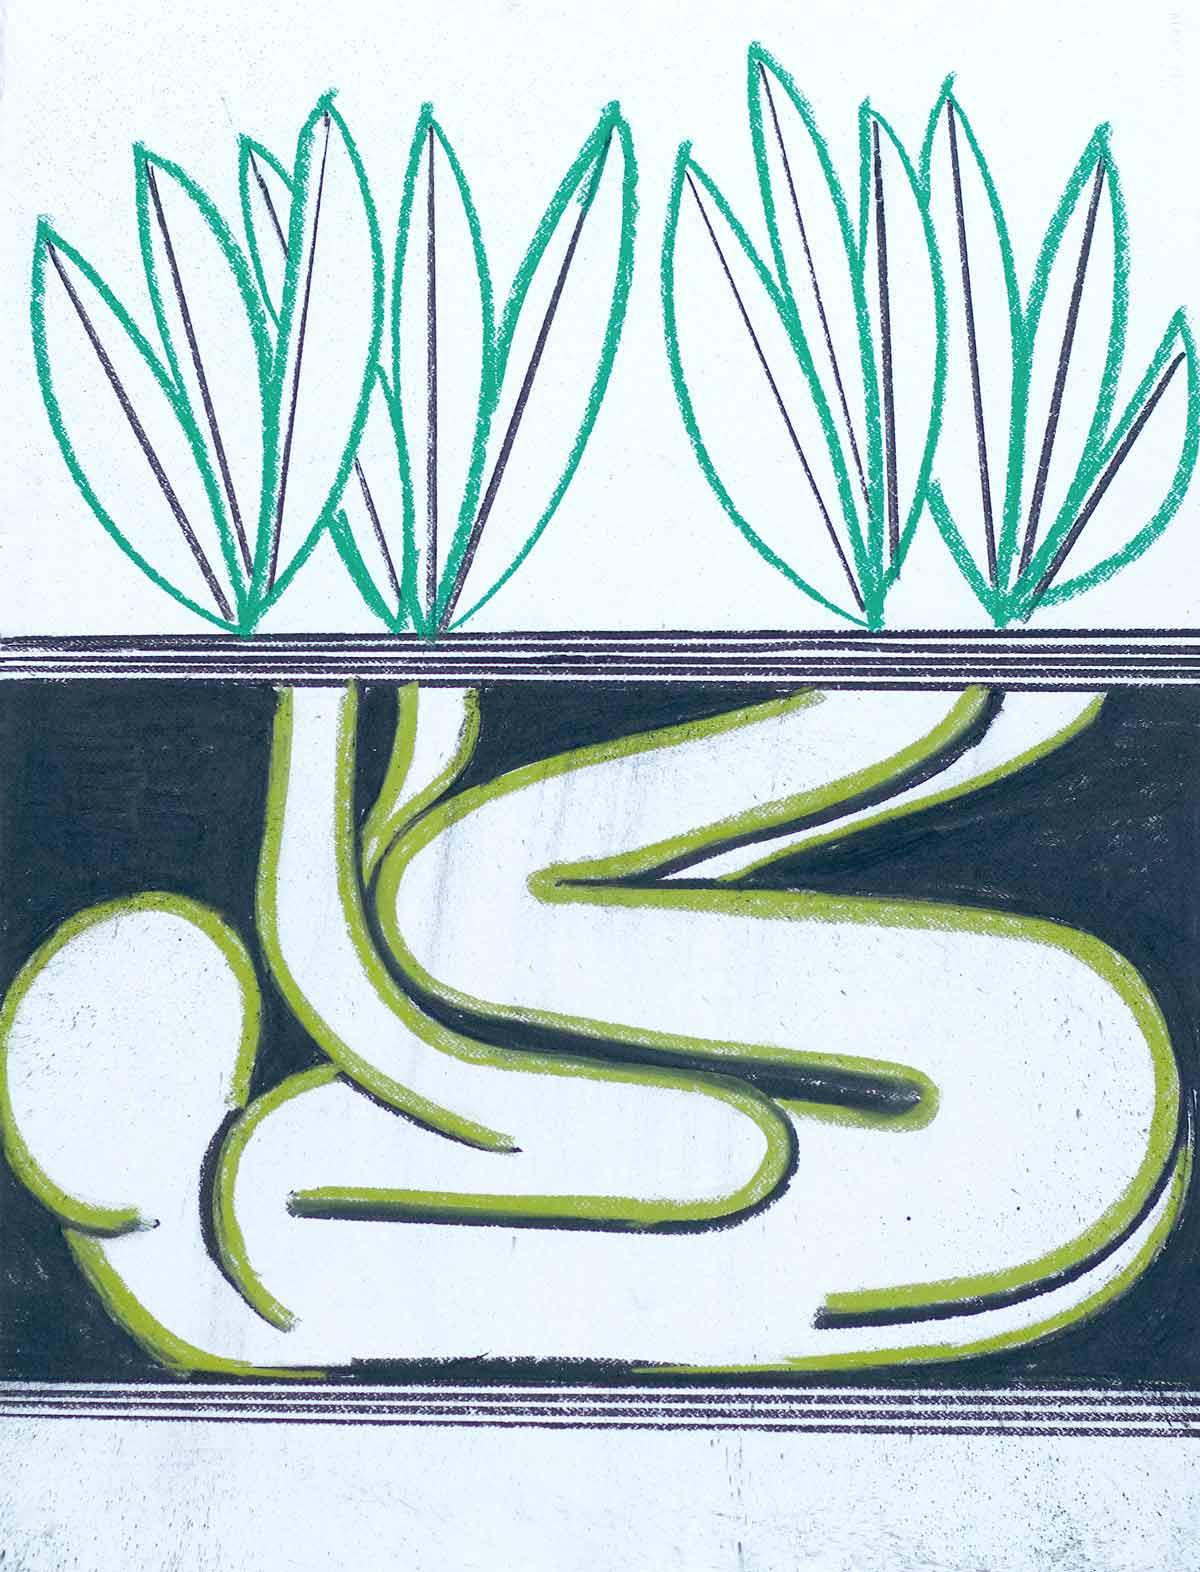 Um encontro vegetal - diálogo vivo com a natureza Artes & contextos 08 La Casa Encendida Un encuentro vegetal Eduardo Navarro Photosynthetics 2021 photography by Sofia Jallinsky